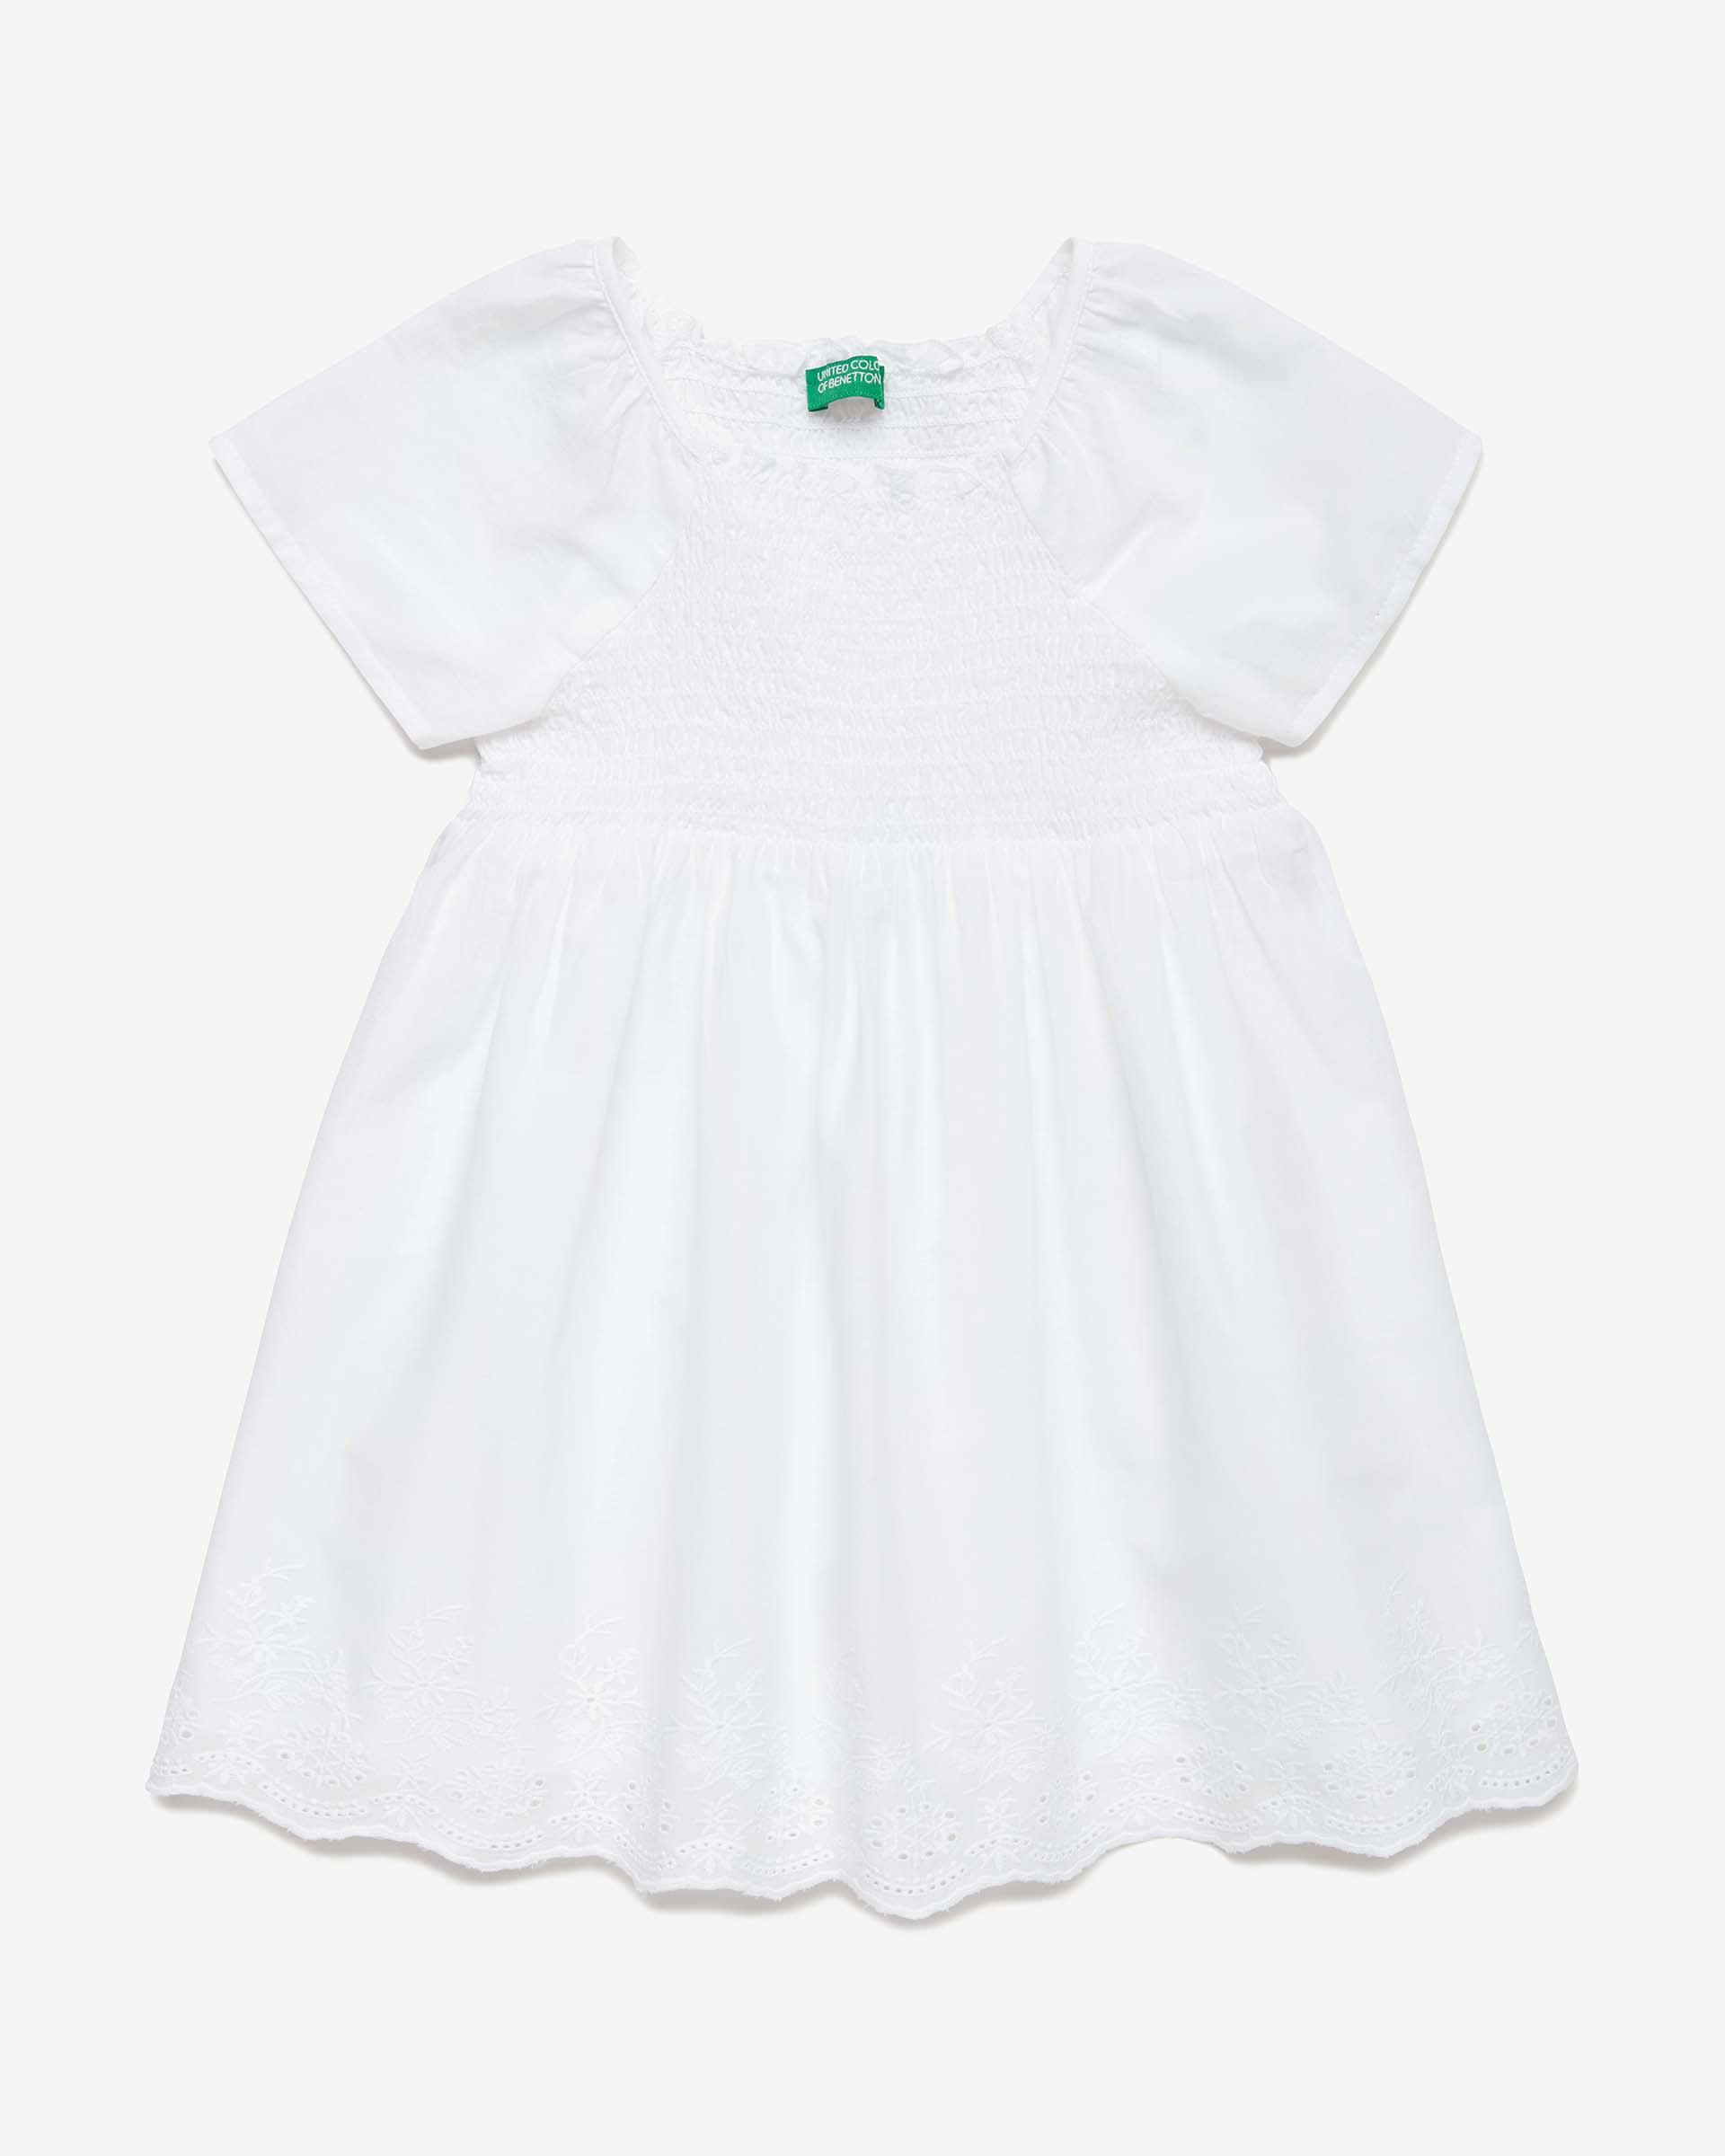 Купить 20P_4JO15V2MP_101, Платье для девочек Benetton 4JO15V2MP_101 р-р 80, United Colors of Benetton, Платья для новорожденных